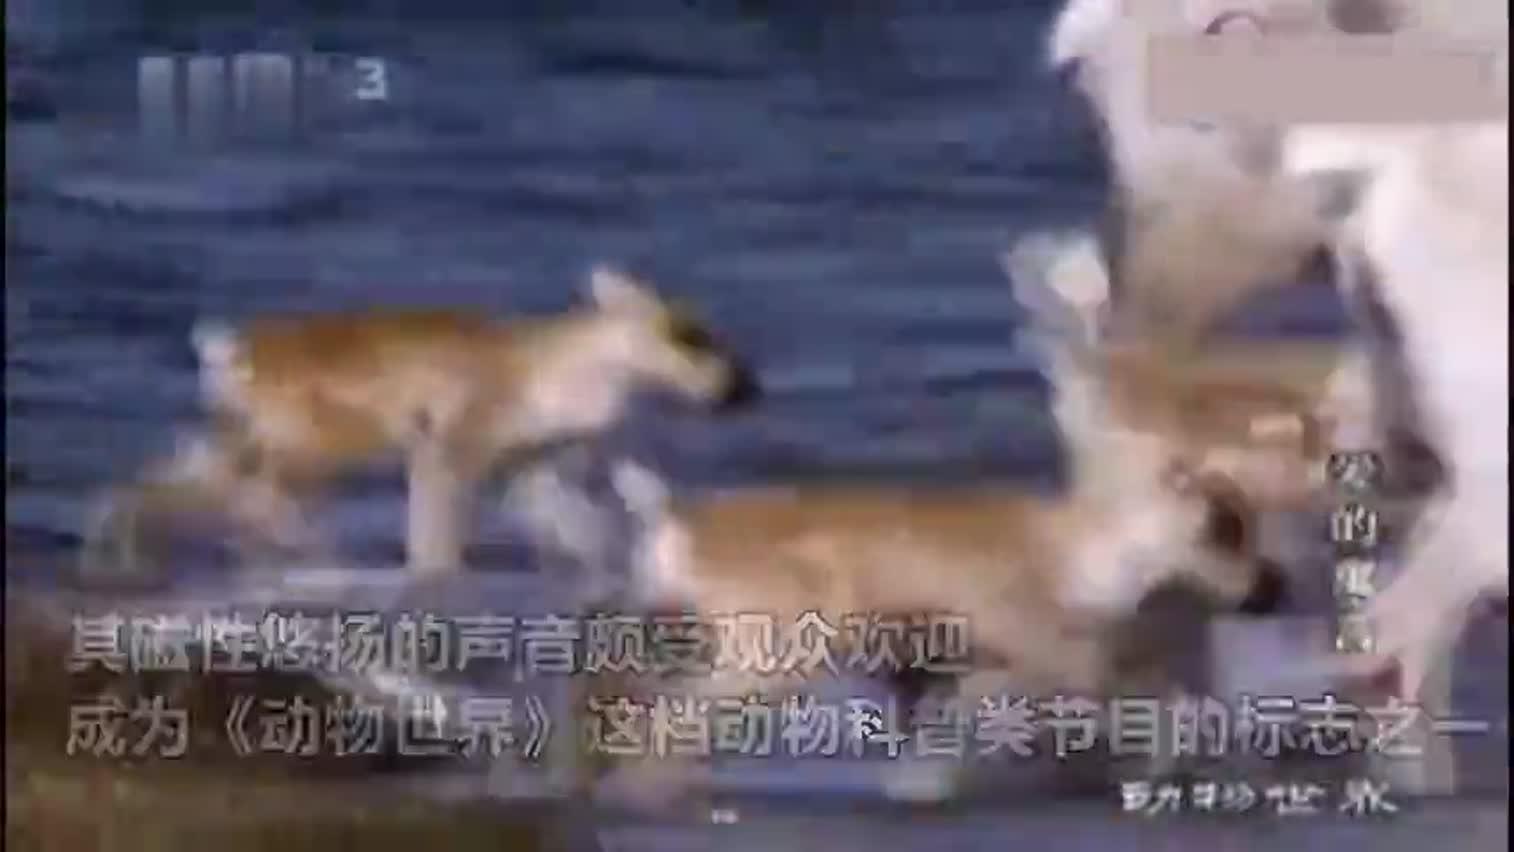 视频-1分钟回顾赵忠祥生前经典影像 再听一次《动